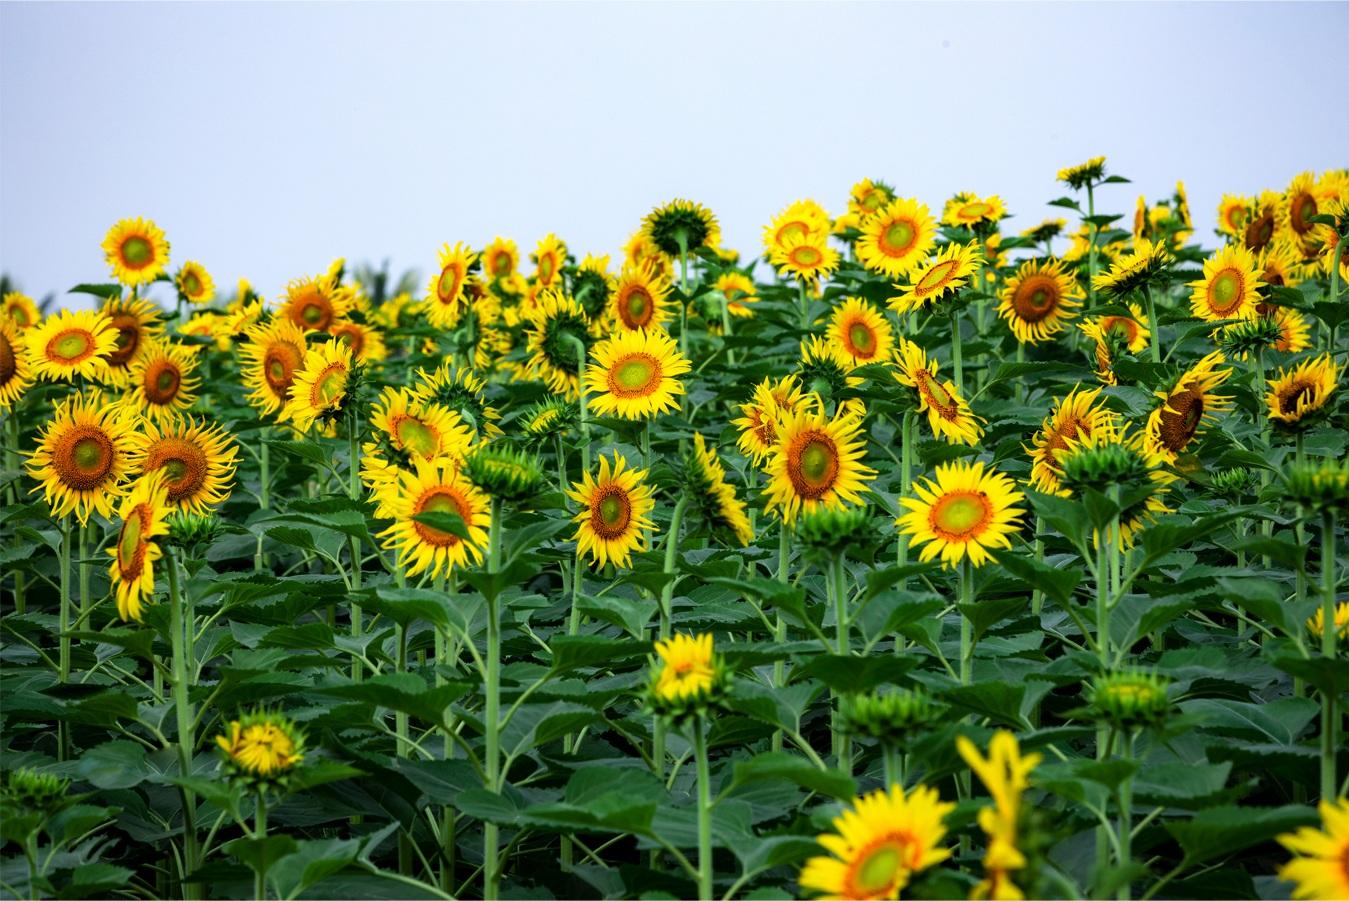 Ngắm cánh đồng hoa hướng dương rực rỡ, trải thảm vàng trong KĐT Ecopark - 13